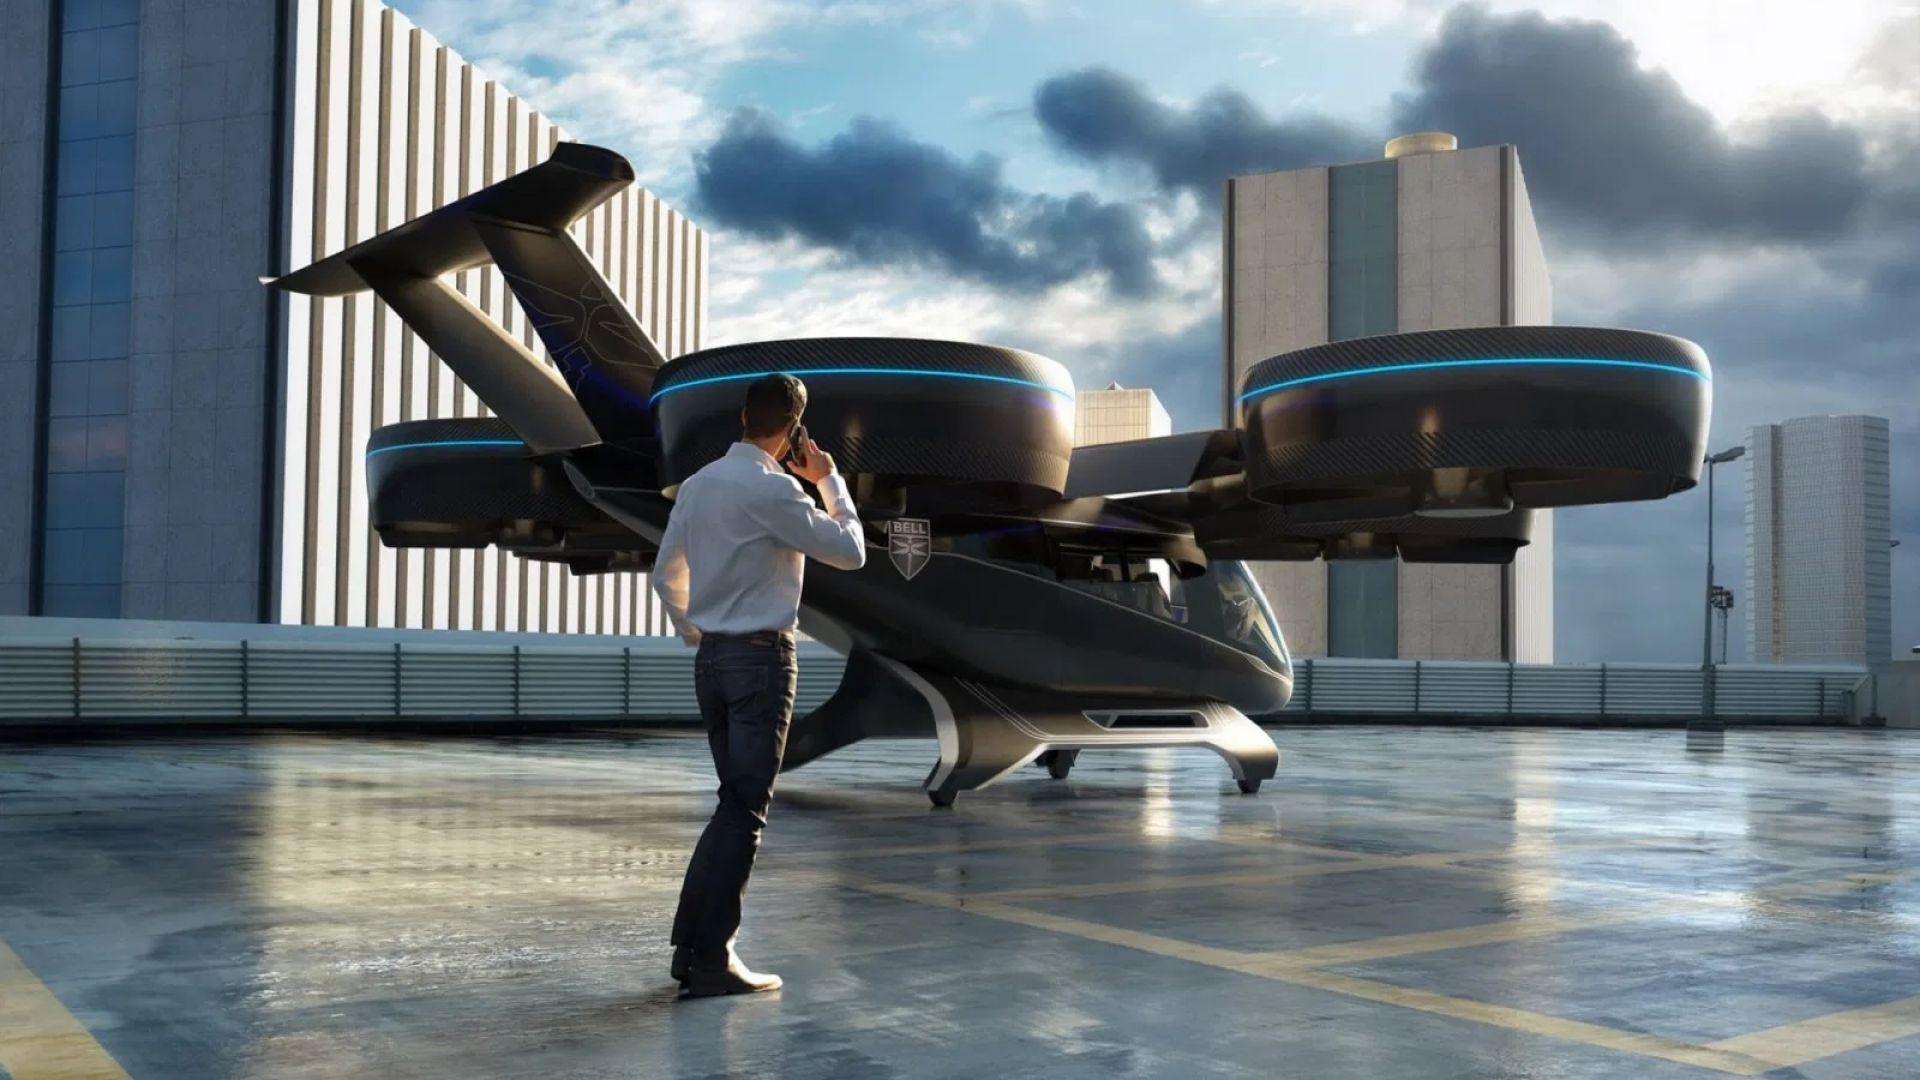 Тестват дронове-таксита в британския град Koвънтpи